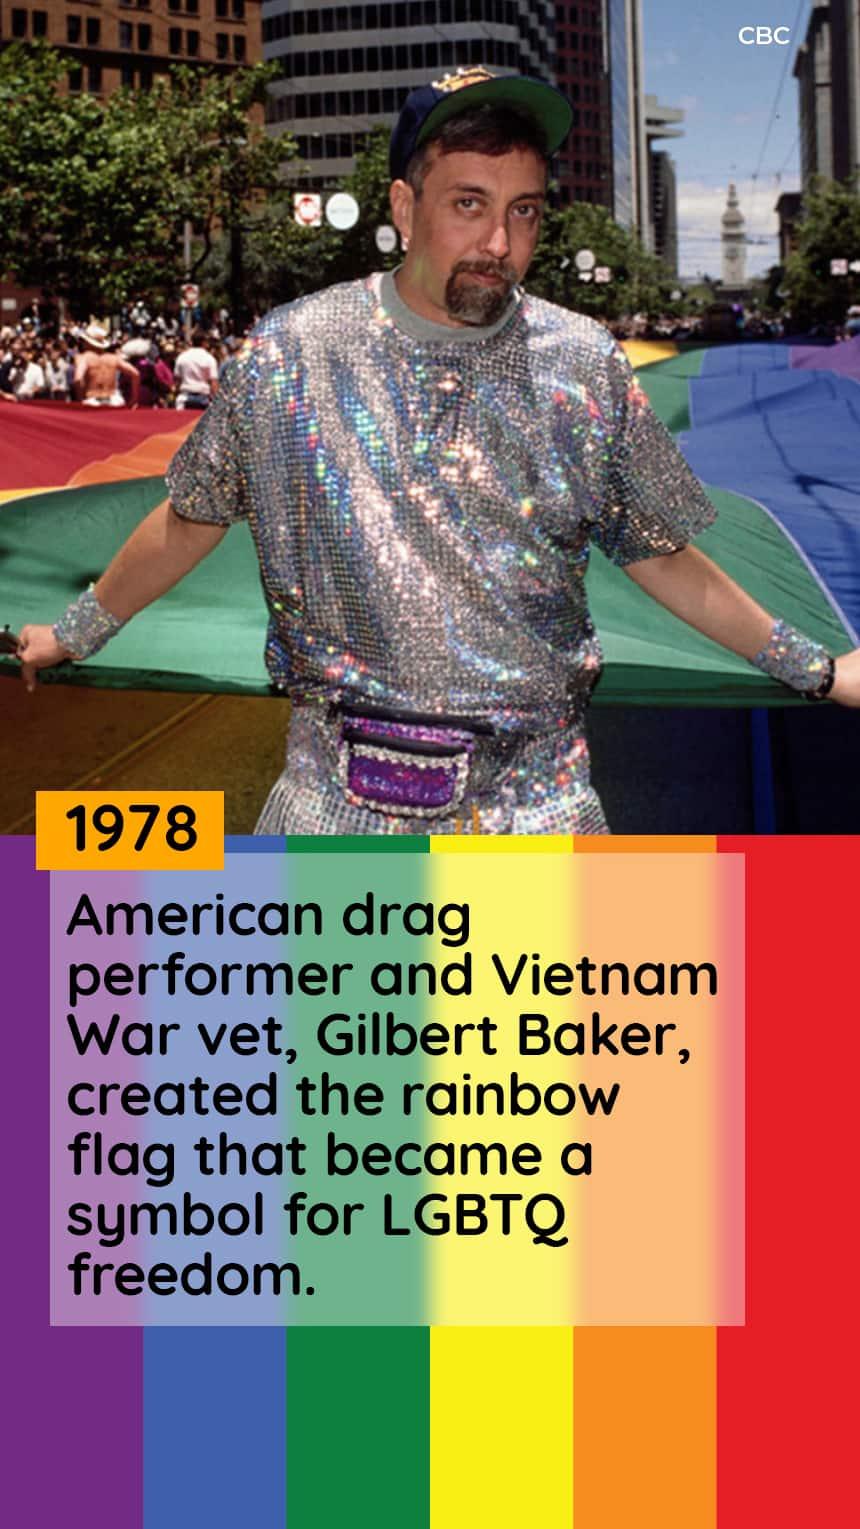 A man holds a rainbow flag